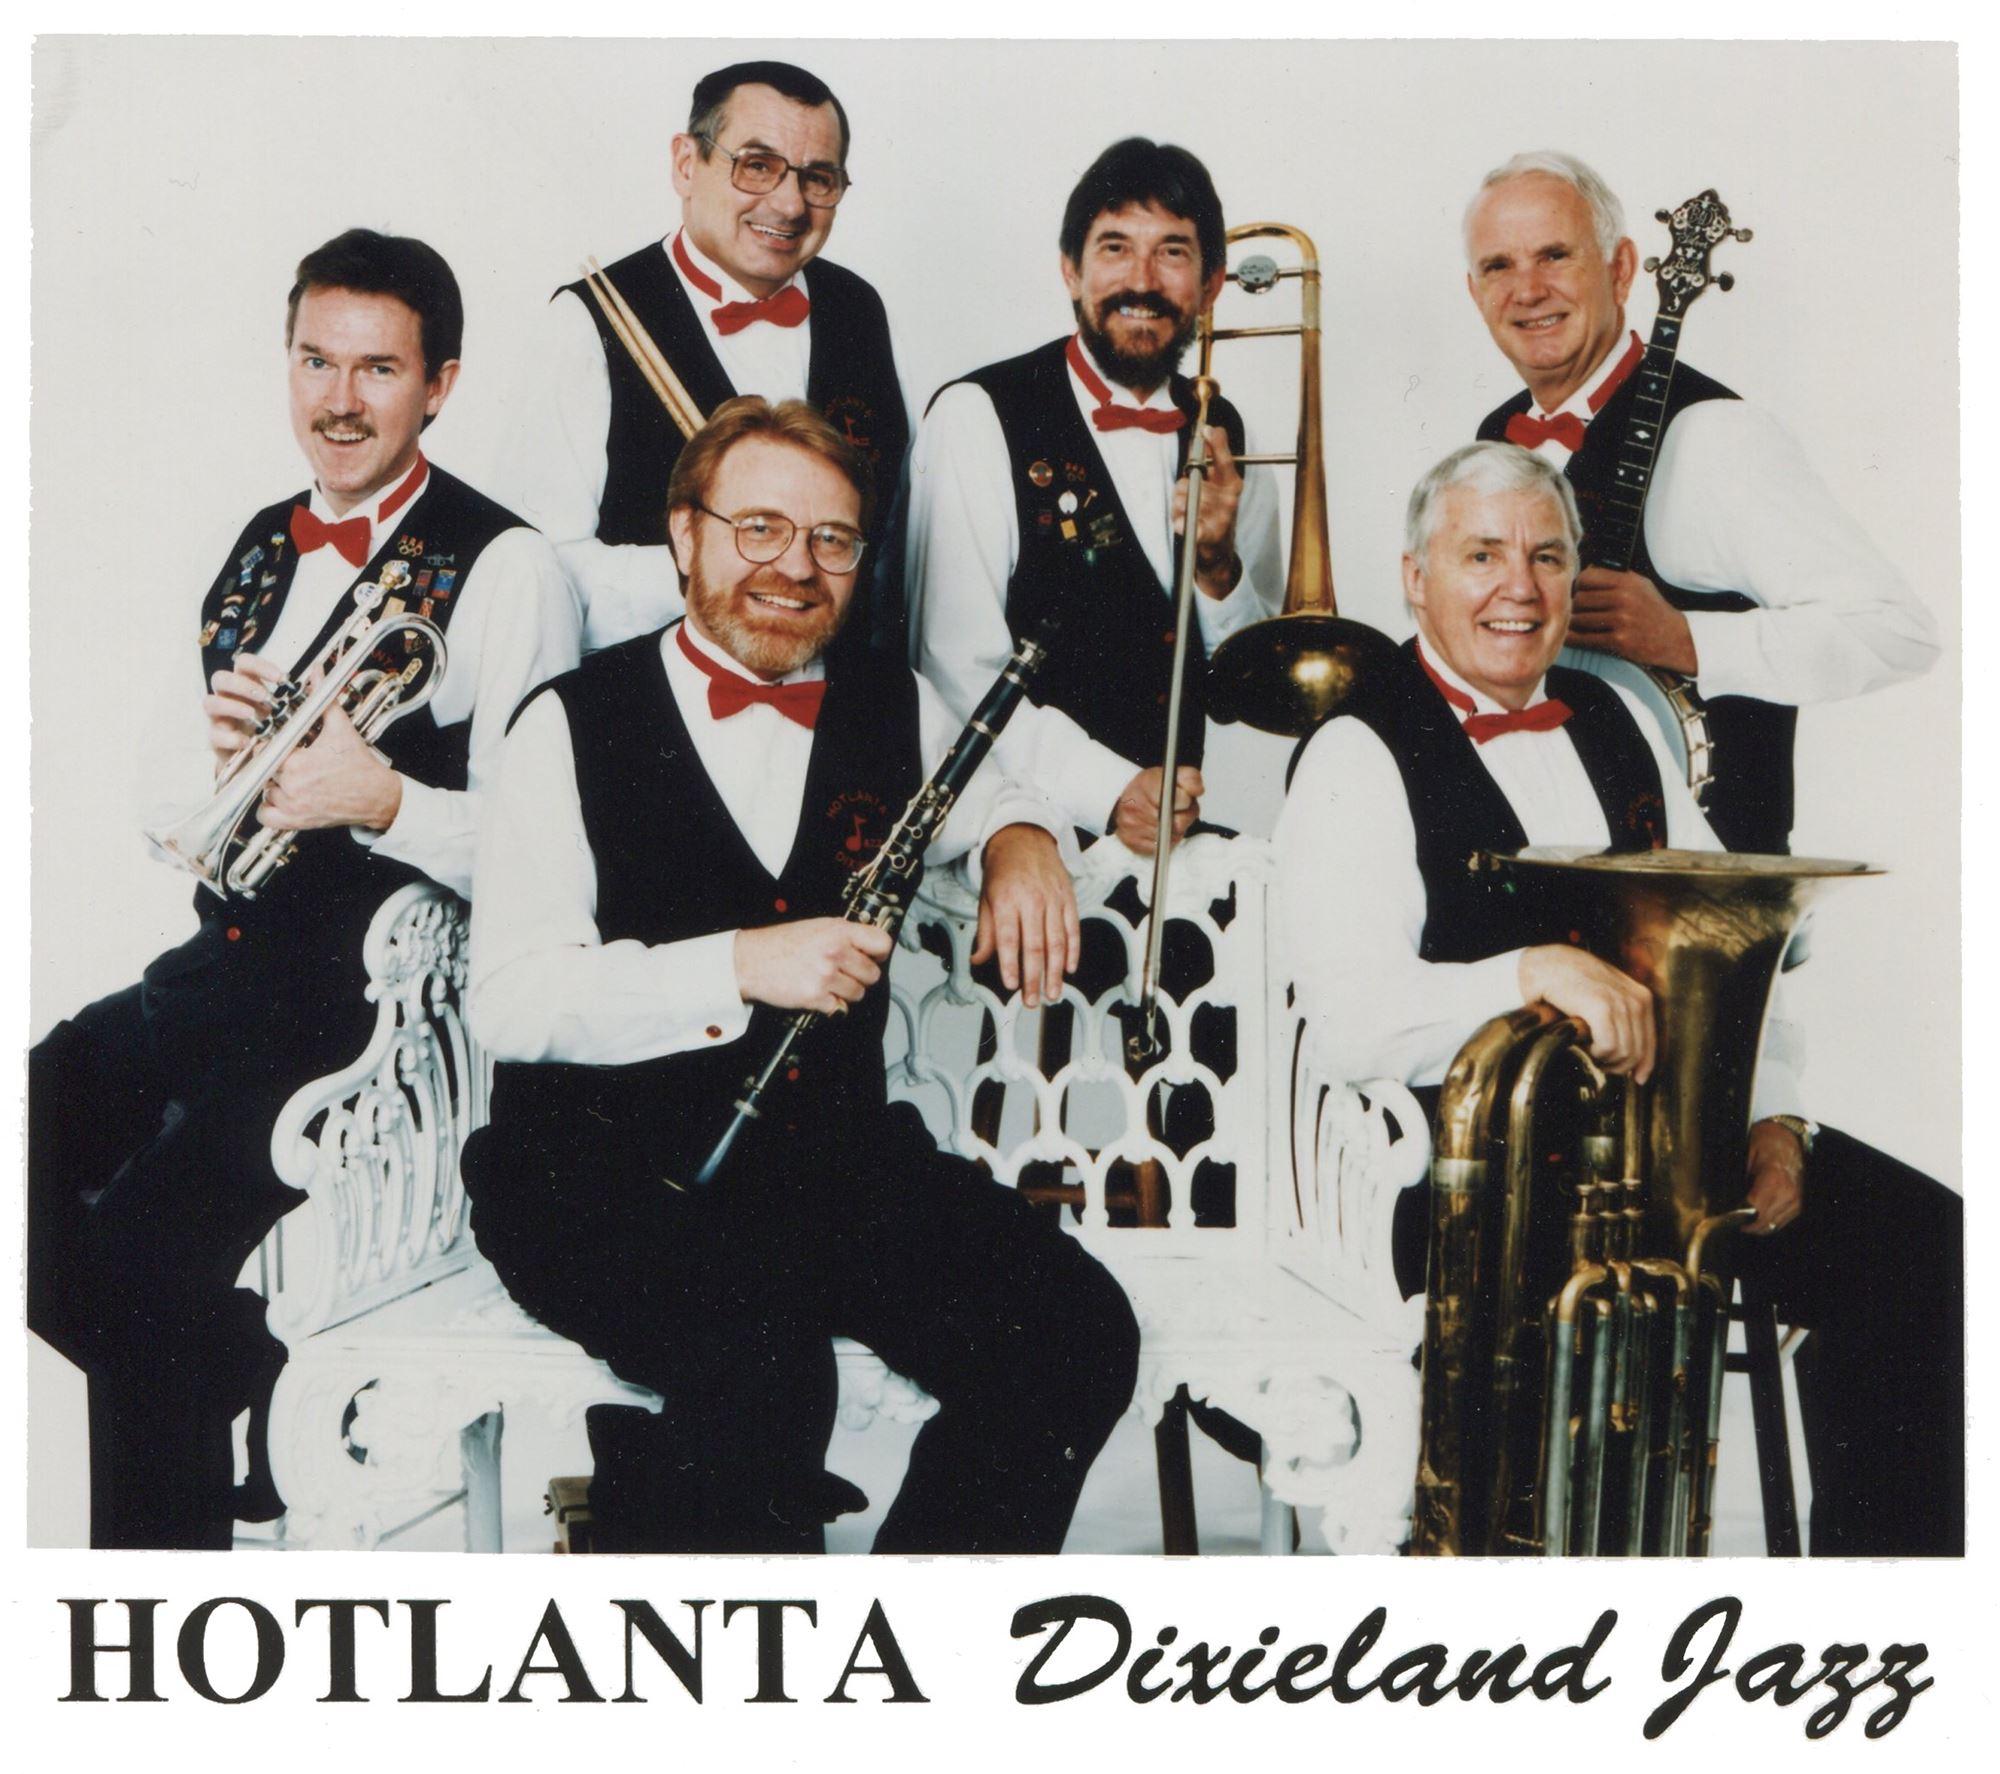 Sept 20th: Hotlanta Dixieland Jazz